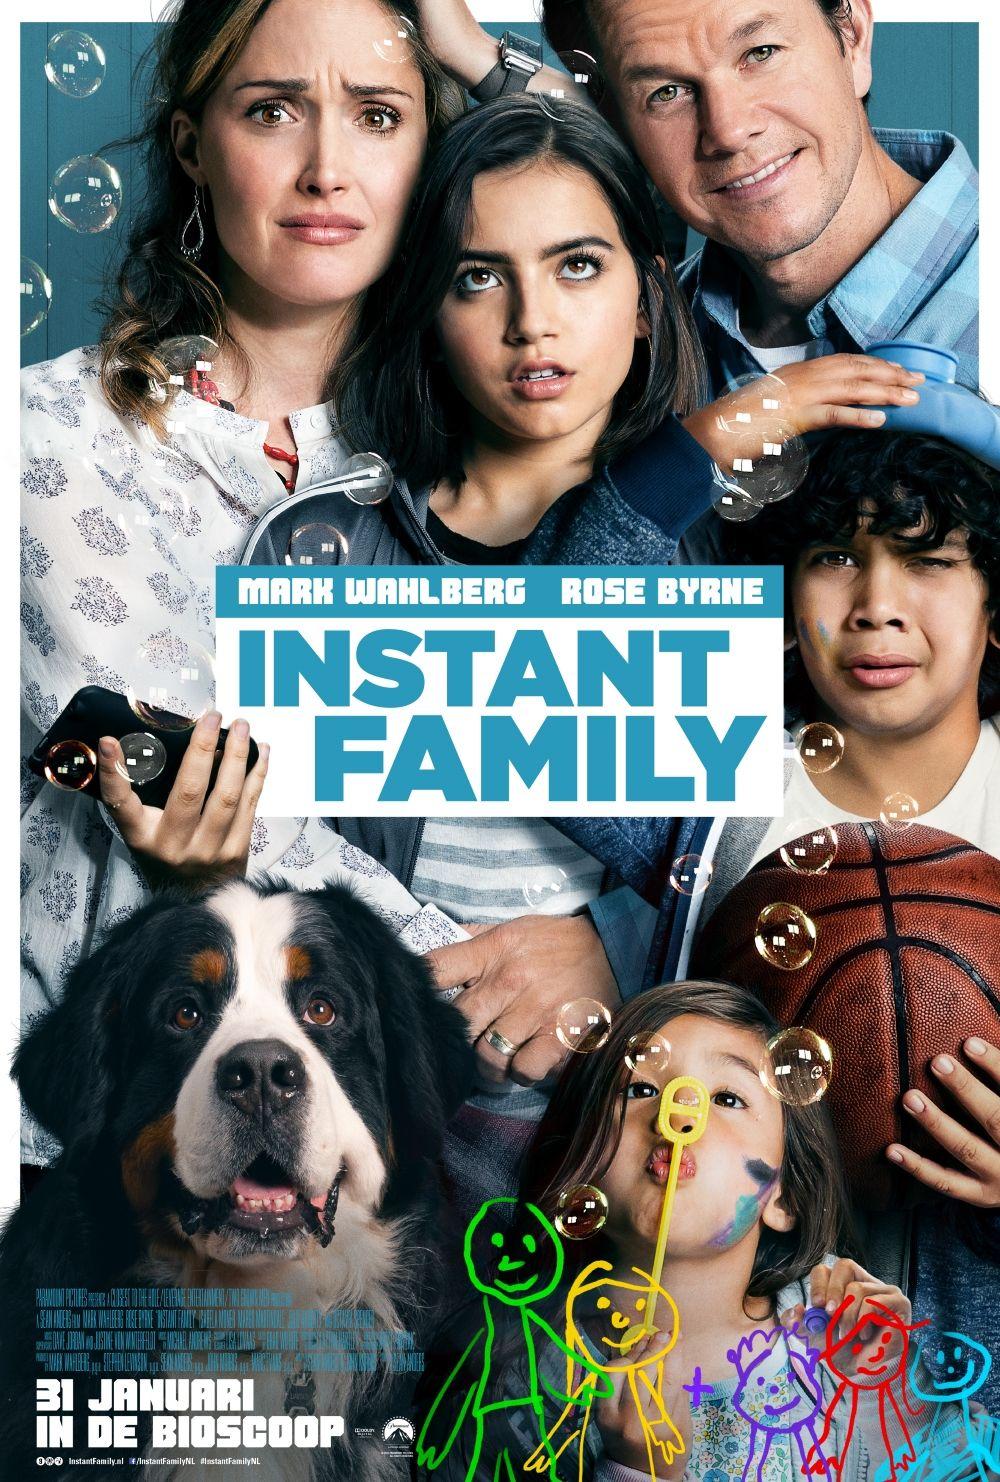 Instant Family New Film Poster Https Teaser Trailer Com Movie